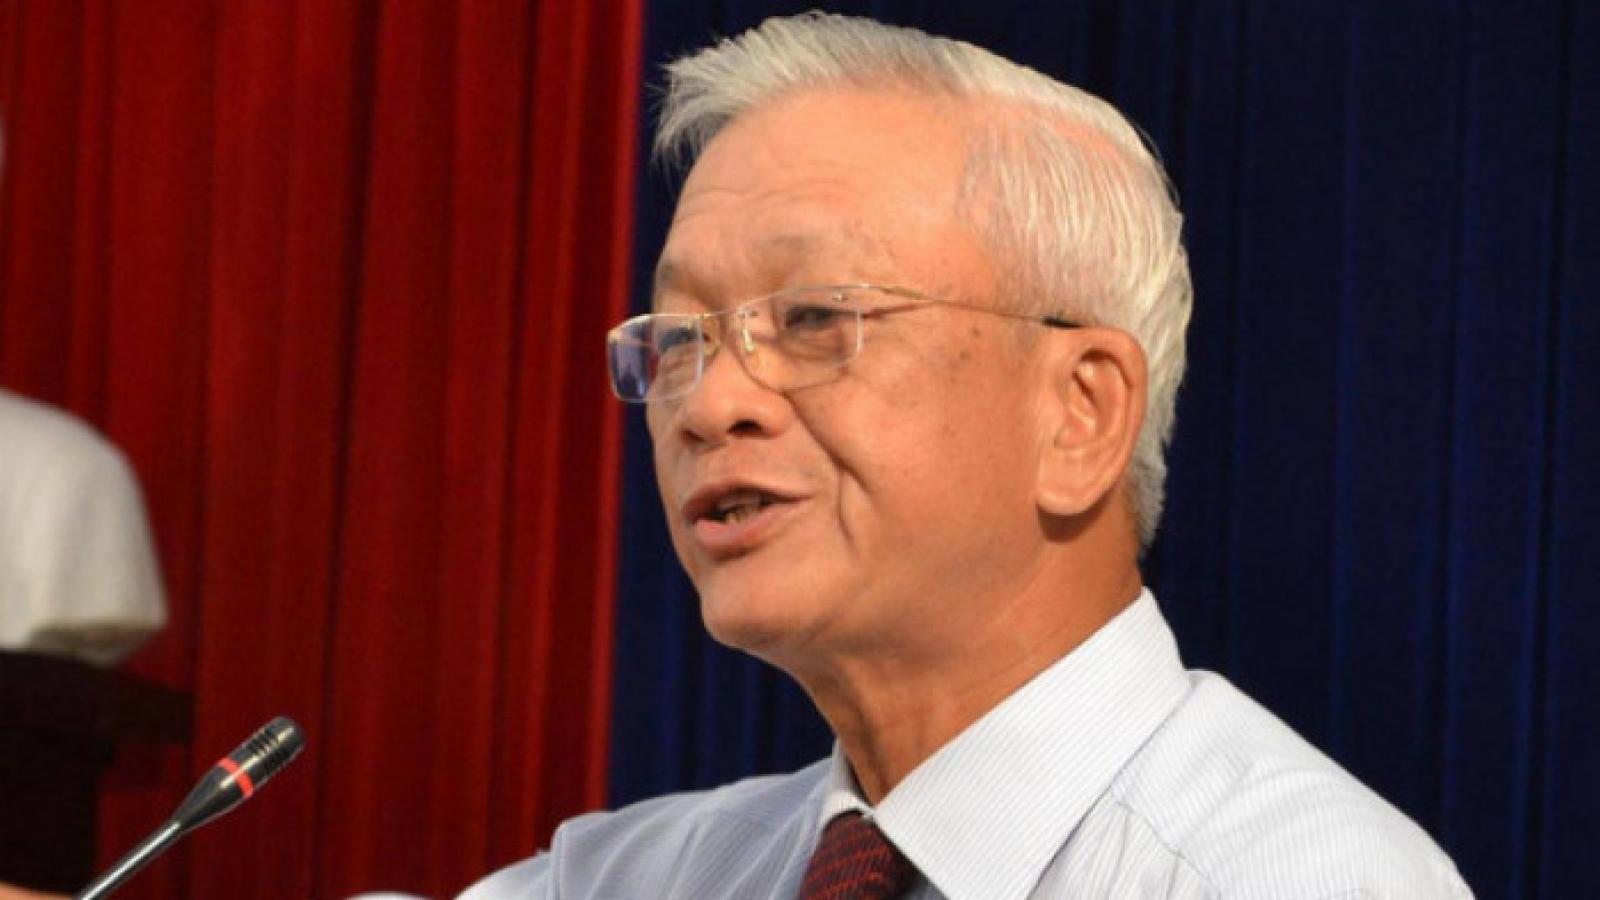 Tiếp tục khởi tố cựu Chủ tịch tỉnh Khánh Hòa vì giao đất cho doanh nghiệp